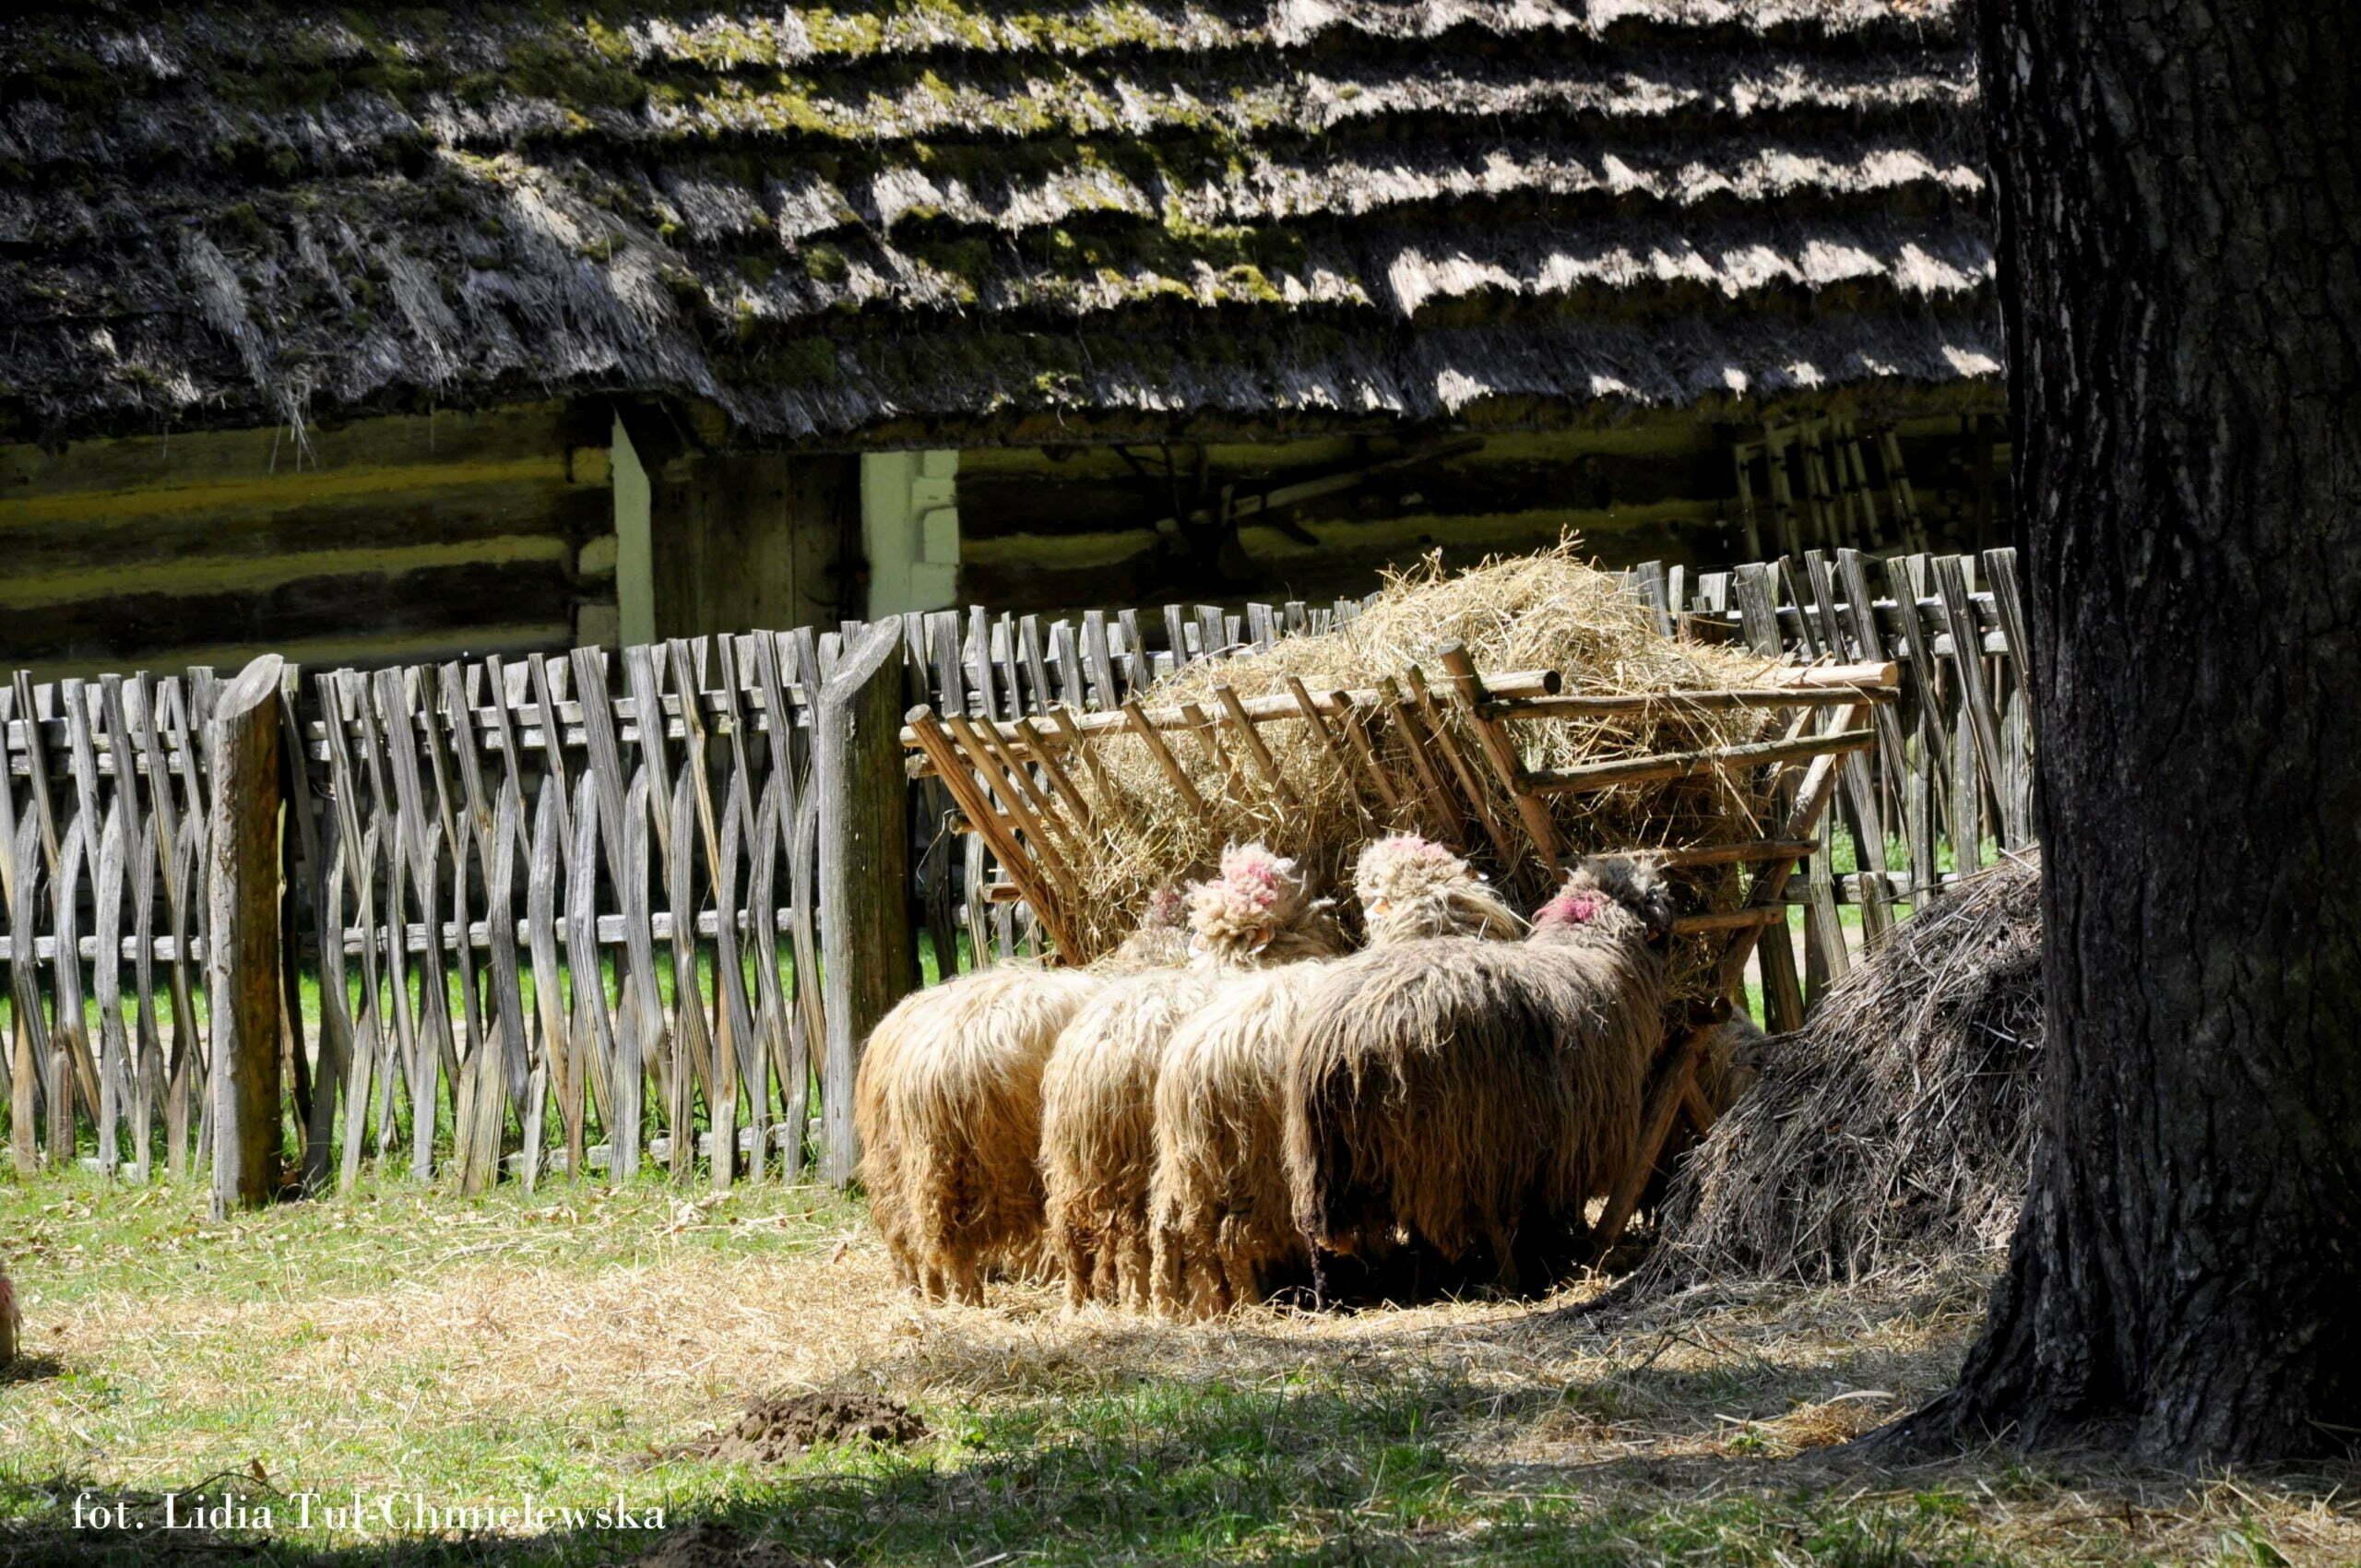 Bojkowie dbali o swoje zwierzęta fot. Lidia Tul-Chmielewska